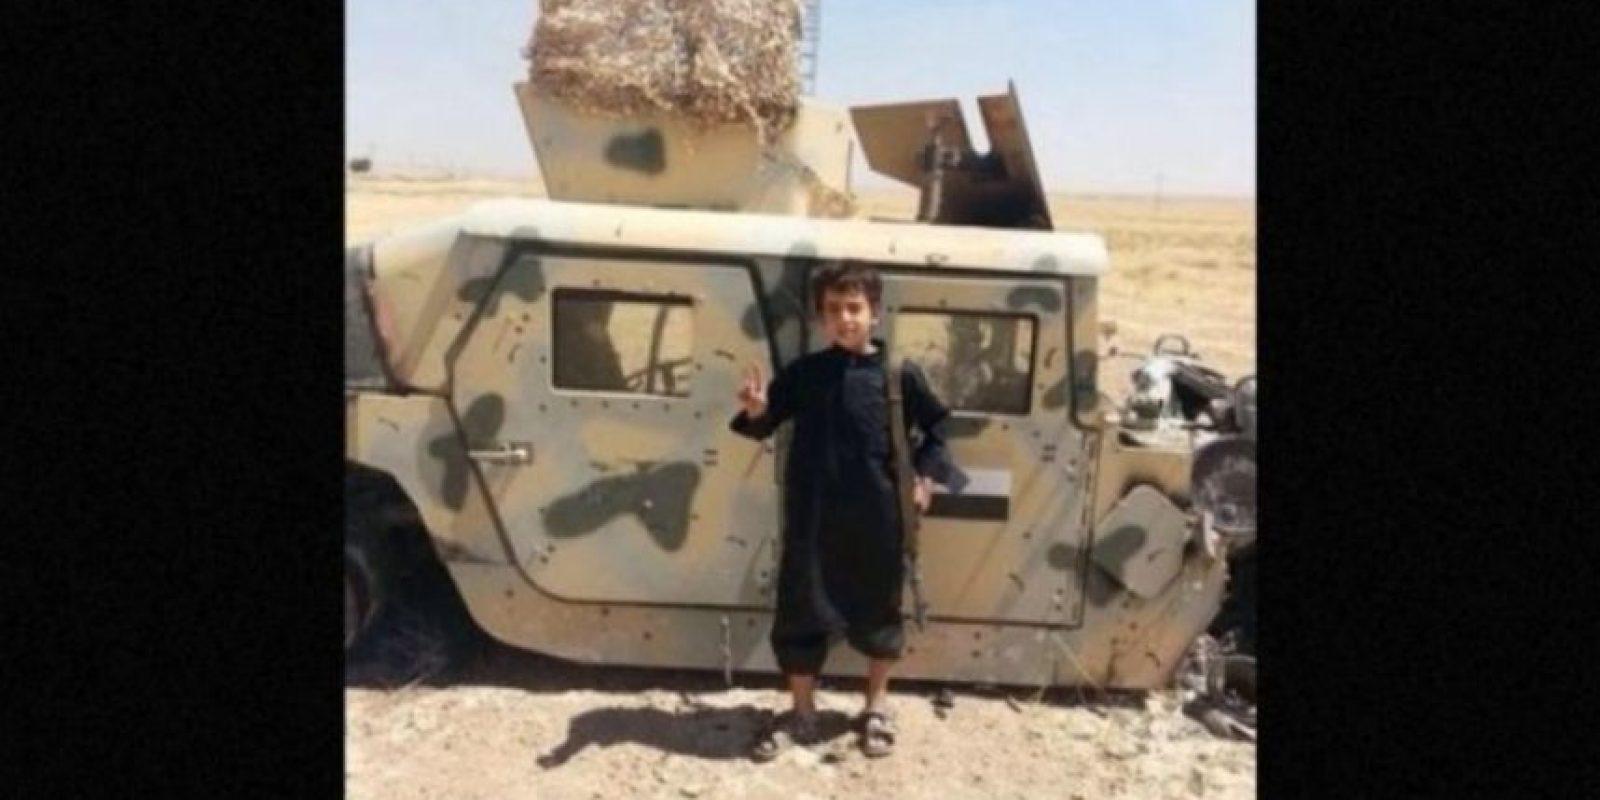 Sin embargo, esta no es una realidad para aproximadamente 5.6 millones de niños que viven en zonas de guerra en Siria, quienes son utilizados por Estado Islámico (ISIS) en sus atroces actos. Foto: Twitter.com – Archivo